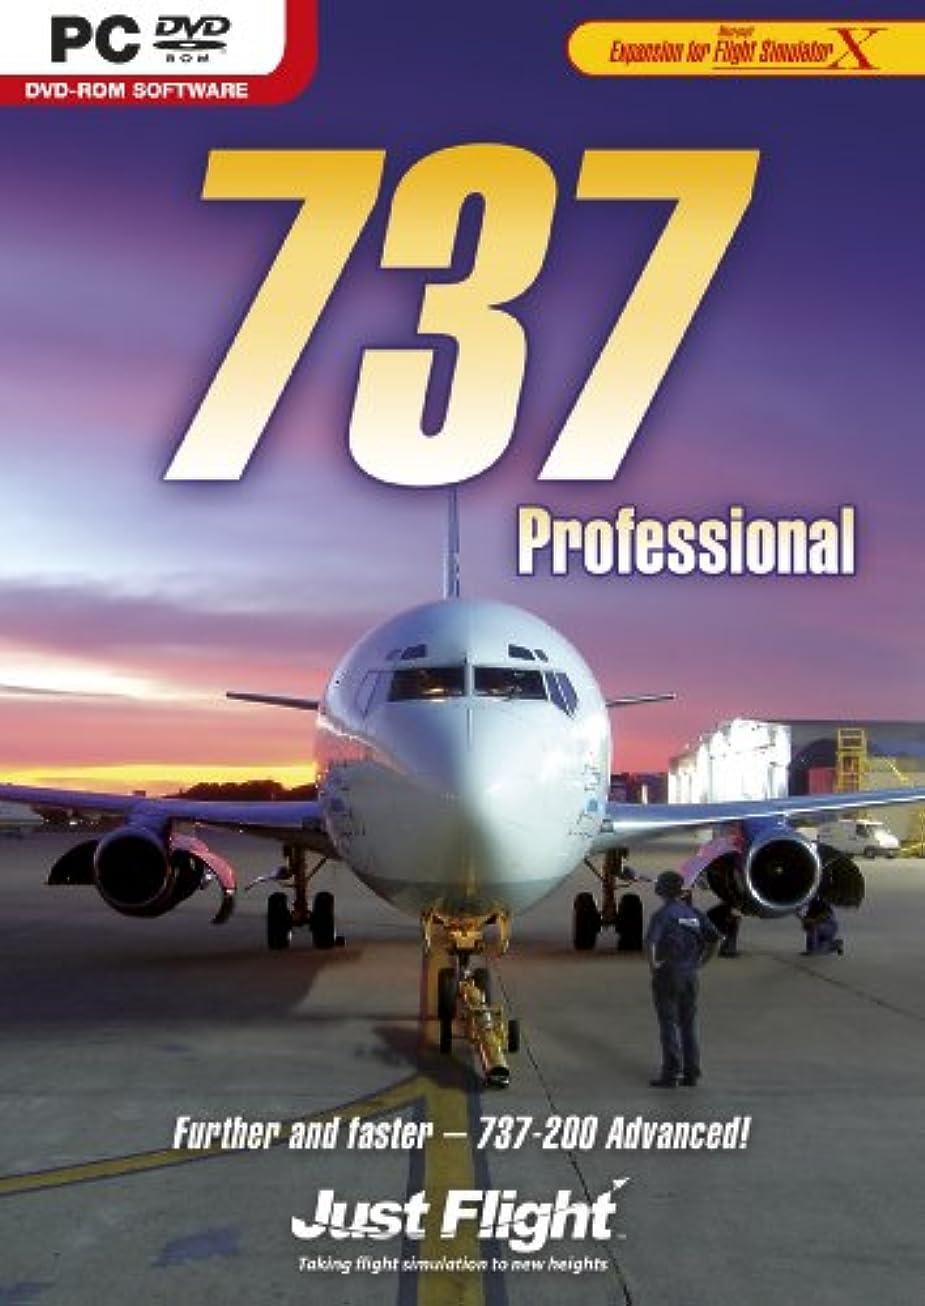 仕出します比類なきスペル737 Professional(輸入版)